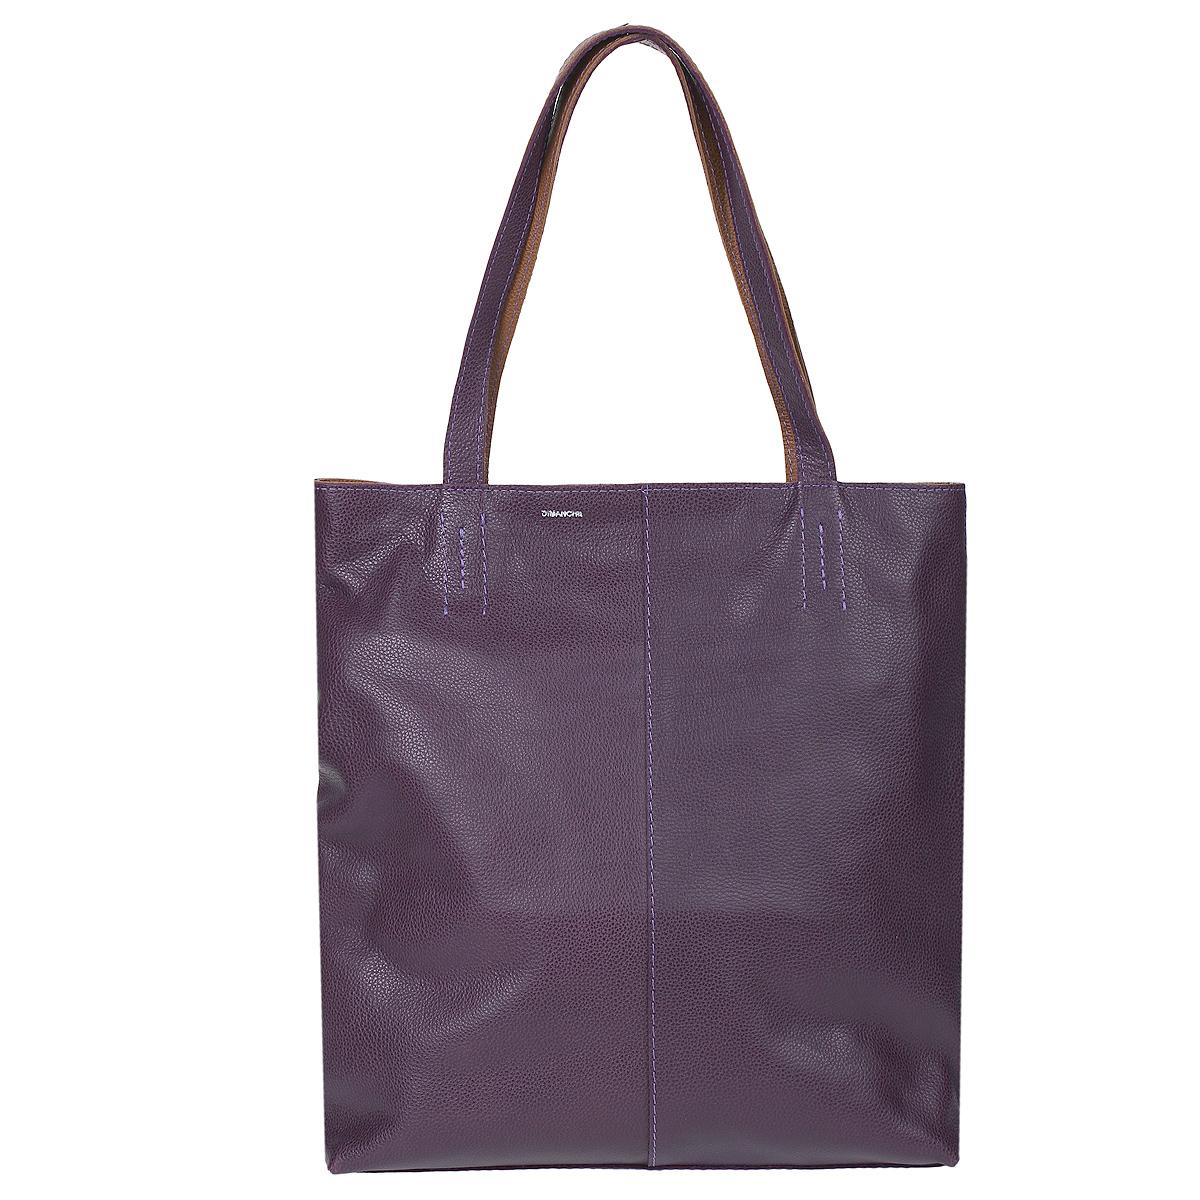 Сумка женская Dimanche Shop Bag, цвет: фиолетовый. 440440Стильная женская сумка Dimanche Shop Bag выполнена из натуральной высококачественной кожи фиолетового цвета. Сумка имеет одно отделение и закрывается на застежку-молнию. Внутри - два кармана на молнии и один открытый кармашек. Сумка оснащена двумя удобными ручками. Фурнитура - серебристого цвета. Сумка упакована в фирменный текстильный мешок. Сумка женская Dimanche Shop Bag подчеркнет вашу яркую индивидуальность и сделает образ завершенным.